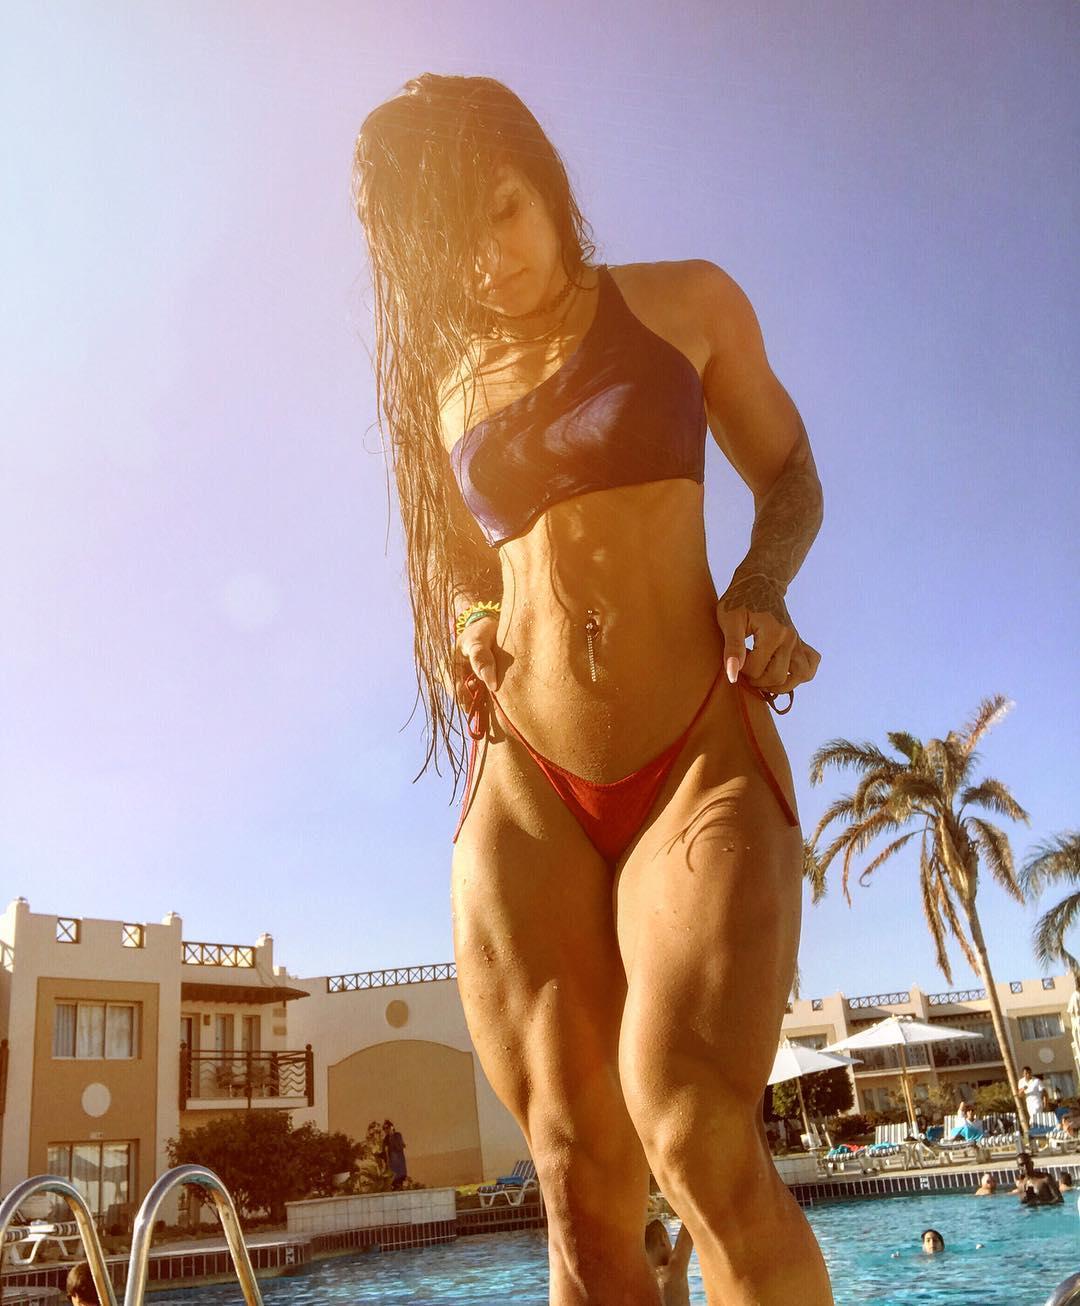 Бахар Набиева: «Мисс стальная попа» или девушка с самыми накаченными ногами